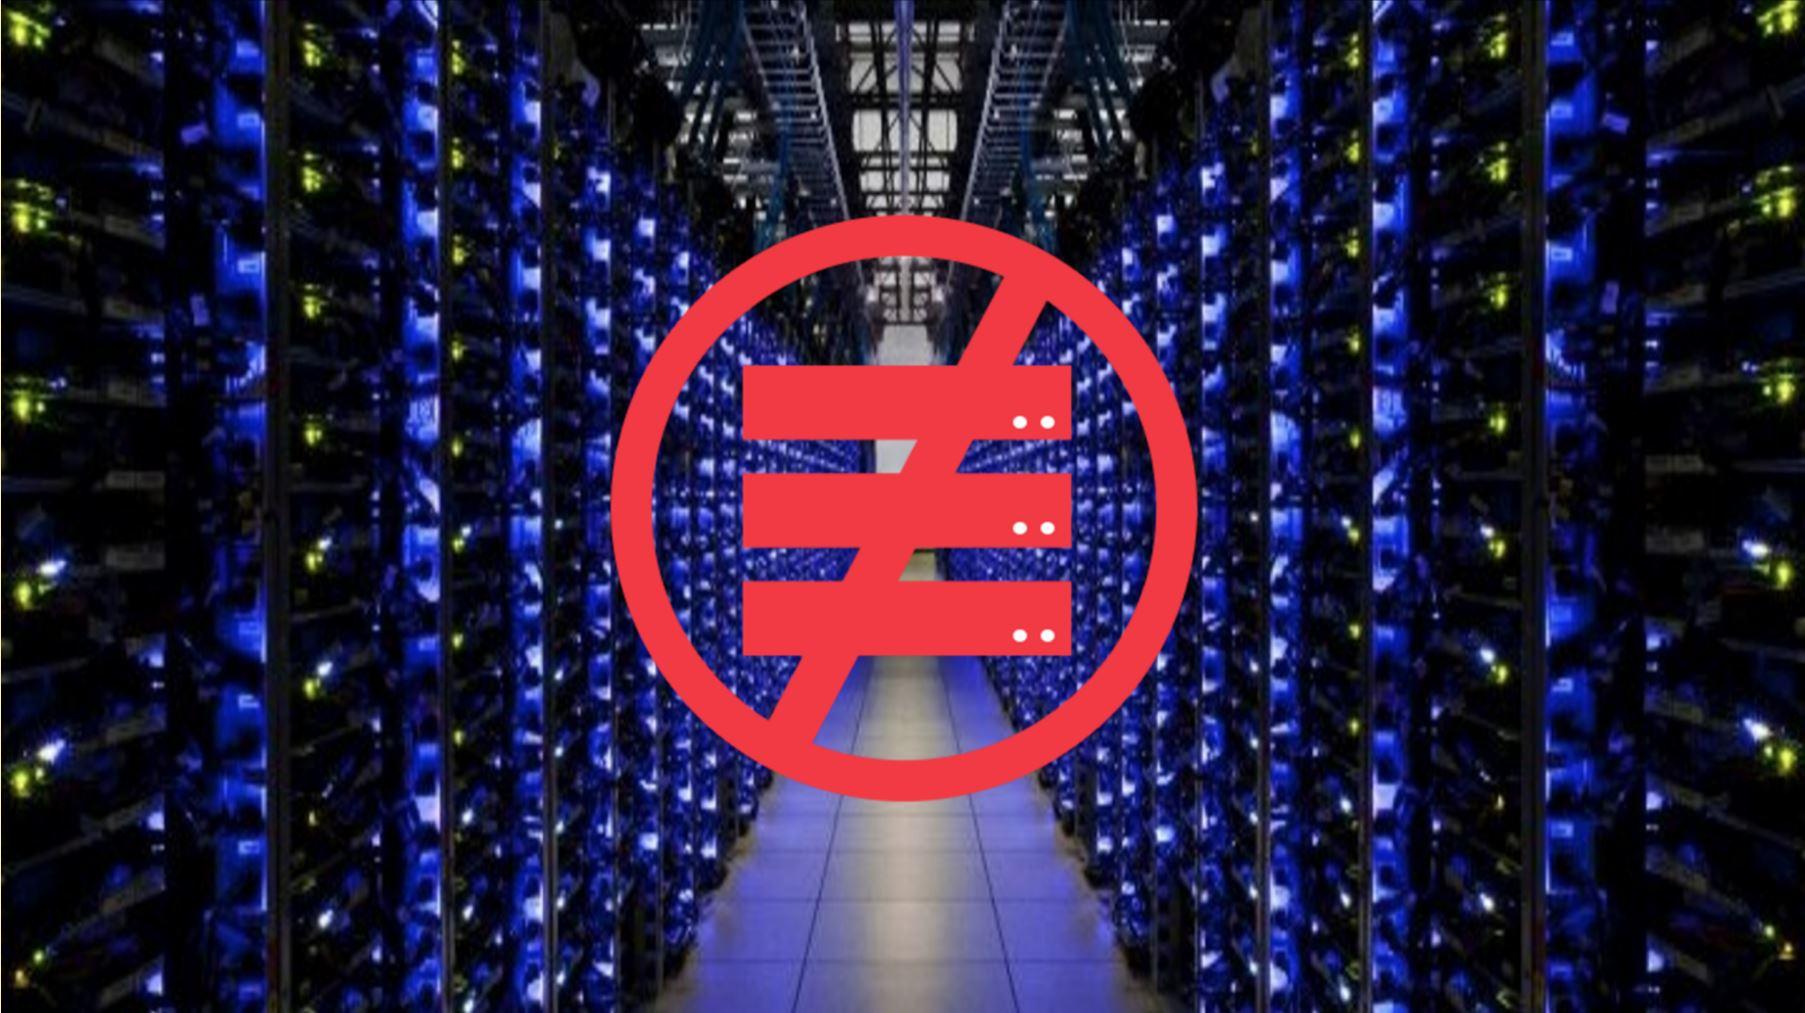 Beyond the clouds: что такое serverless и почему мы понимаем его неправильно?